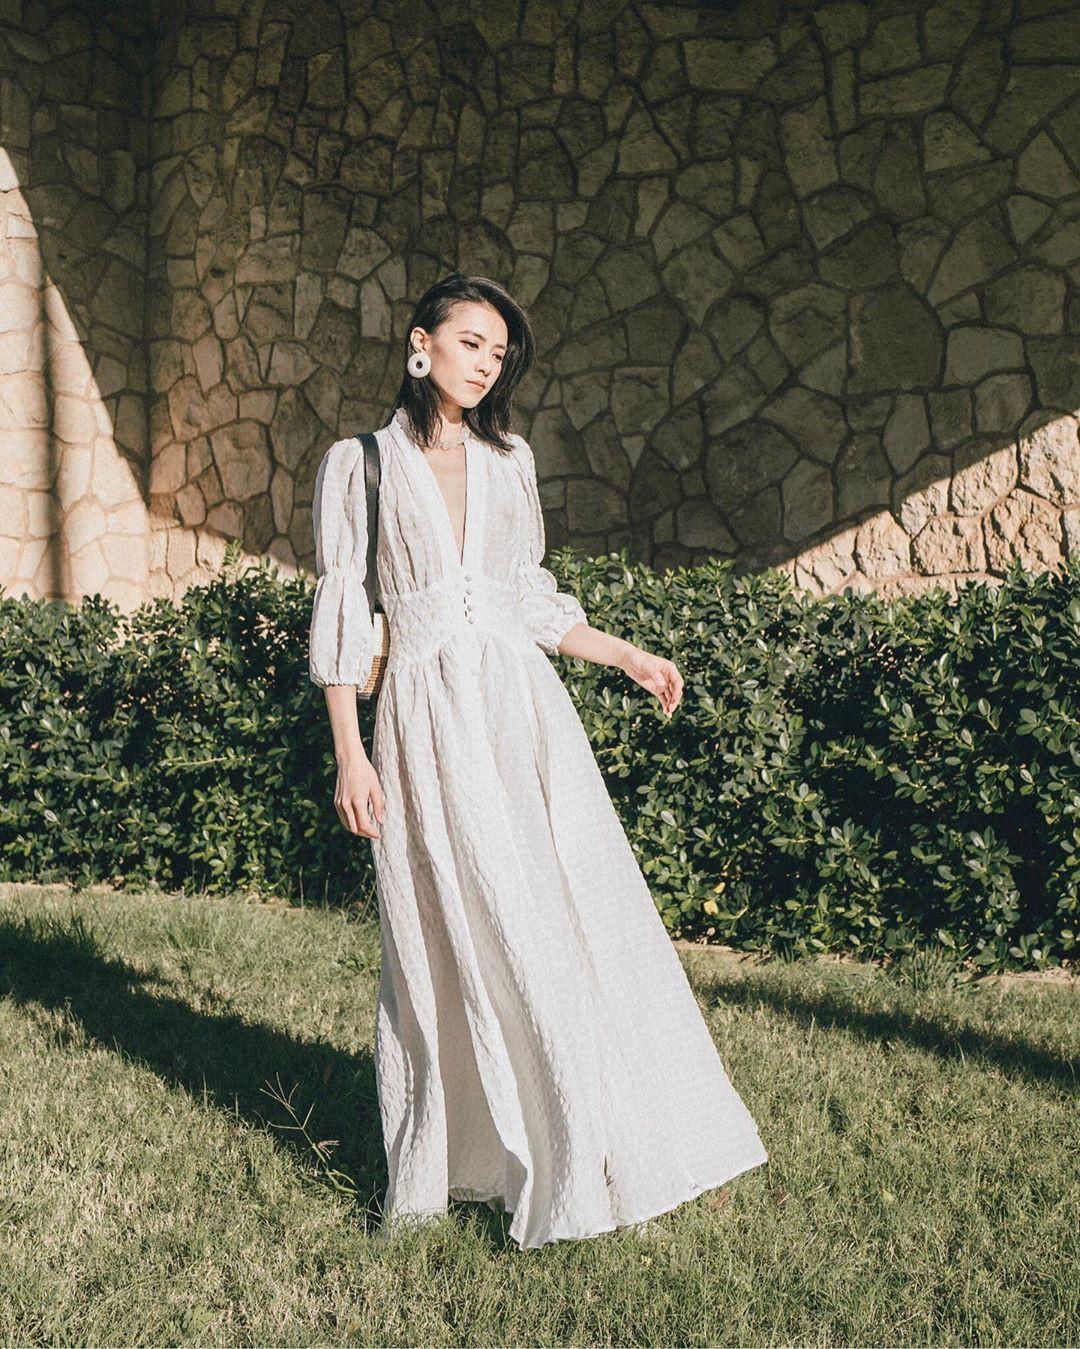 Không kiểu váy nào vượt qua được váy dáng dài về độ sang chảnh, yêu kiều và hợp rơ với tiết trời se lạnh-11